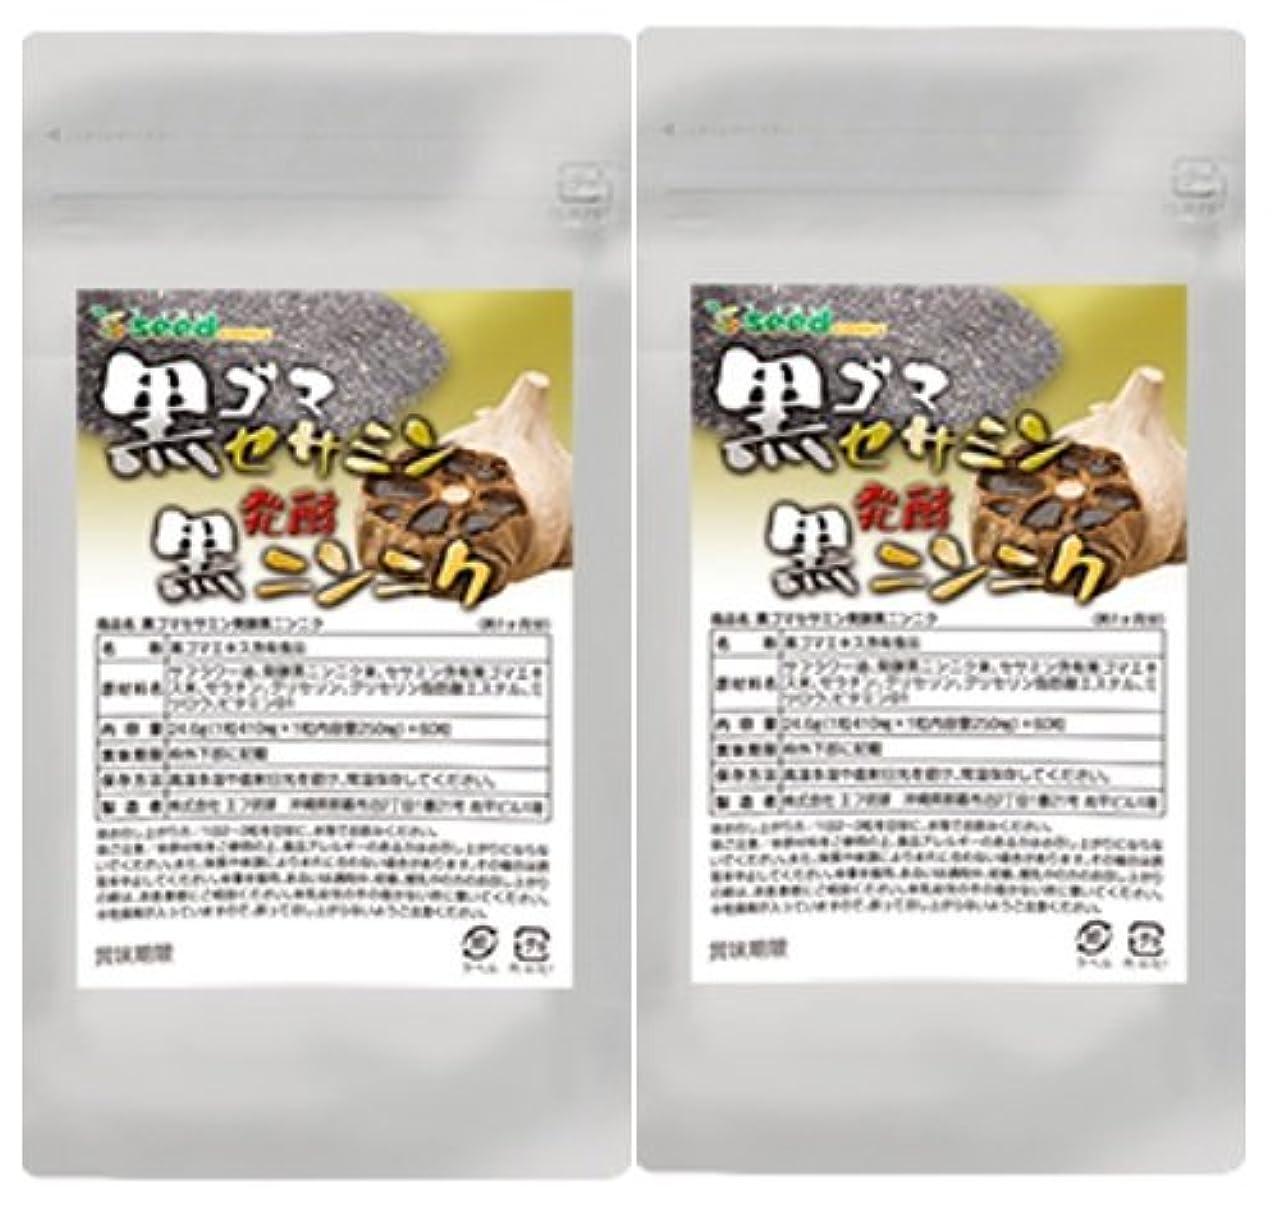 むしろ増強するミリメーター黒ゴマセサミン&発酵黒ニンニク (S-アリルシステイン、DATSを効率よく取り入れる) (約6ケ月分)